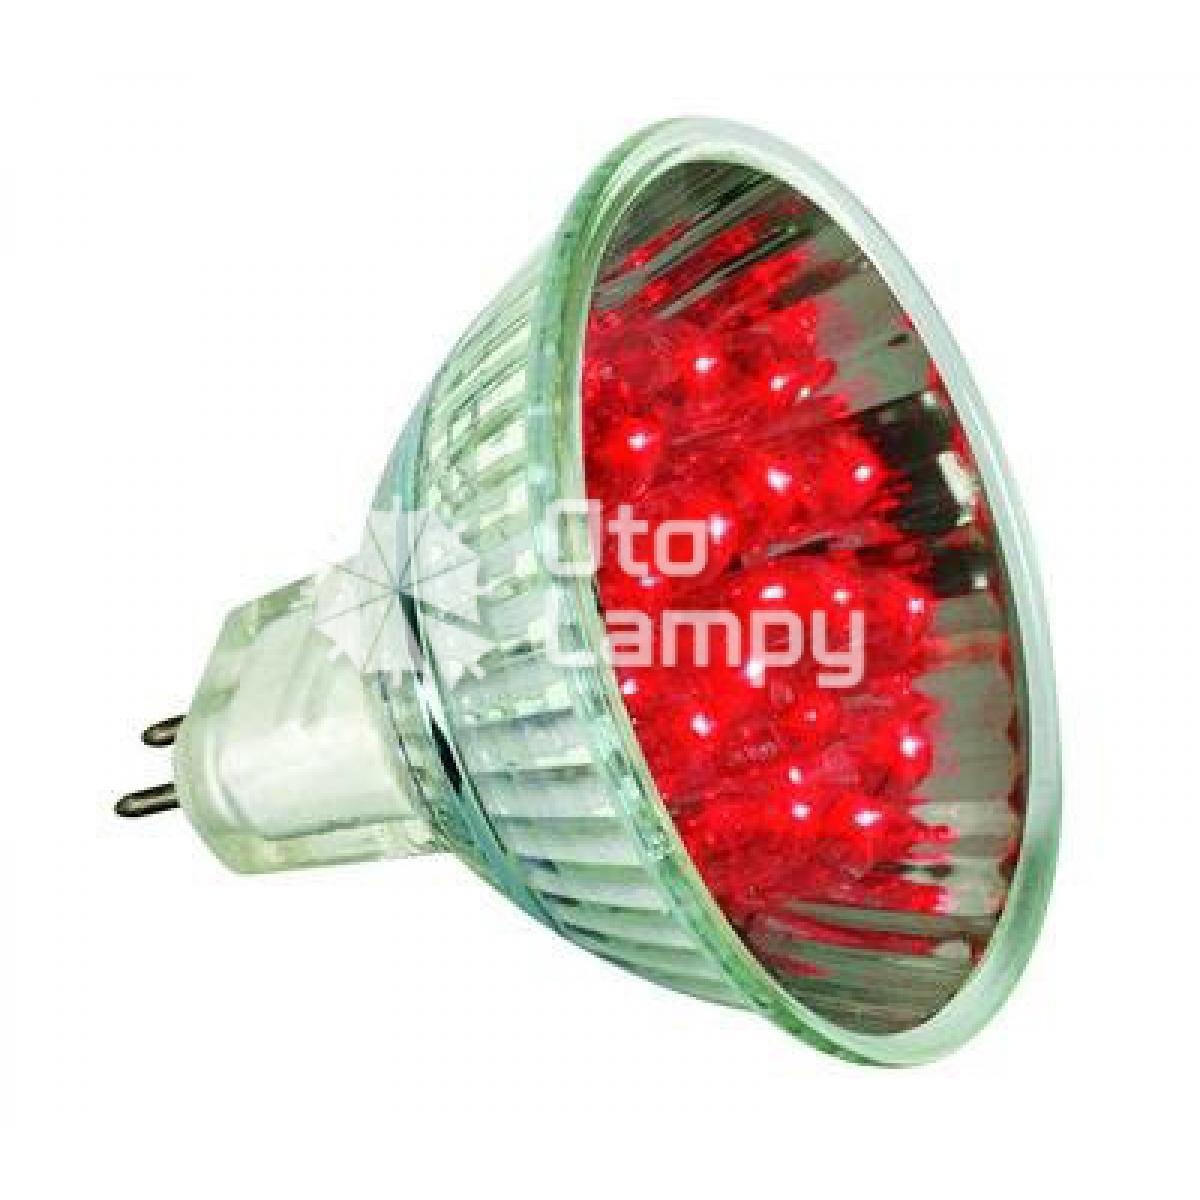 kolorowe żarówki LED, kolorowa żarówka LED